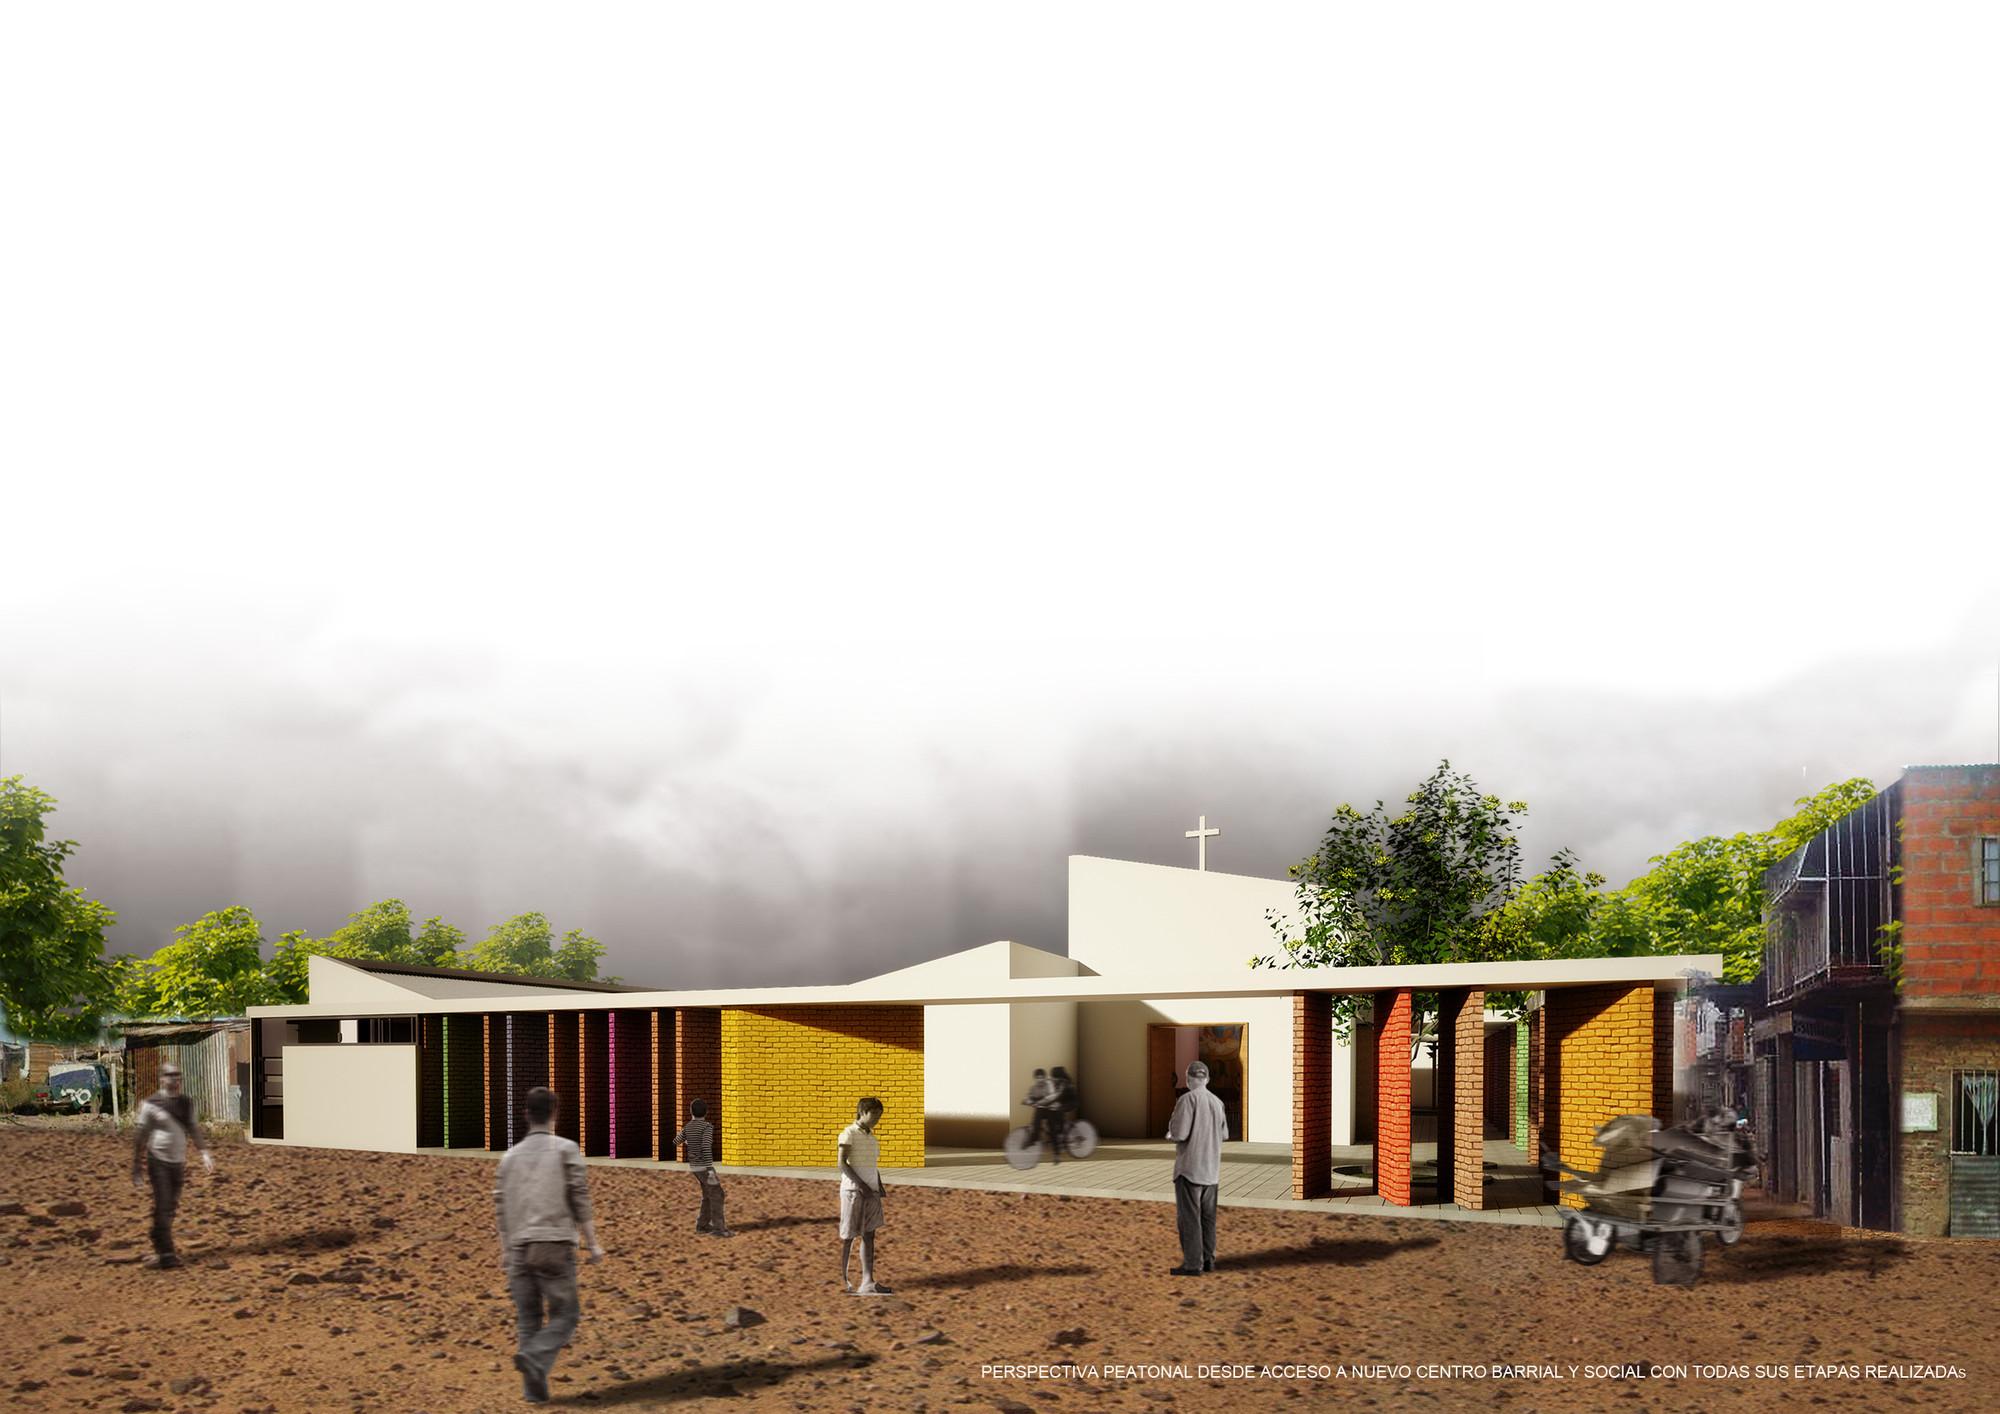 Primer Lugar Concurso Nacional Capilla y Centro Comunitario Nuestra señora del Perpetuo Socorro, © Equipo Primer Lugar